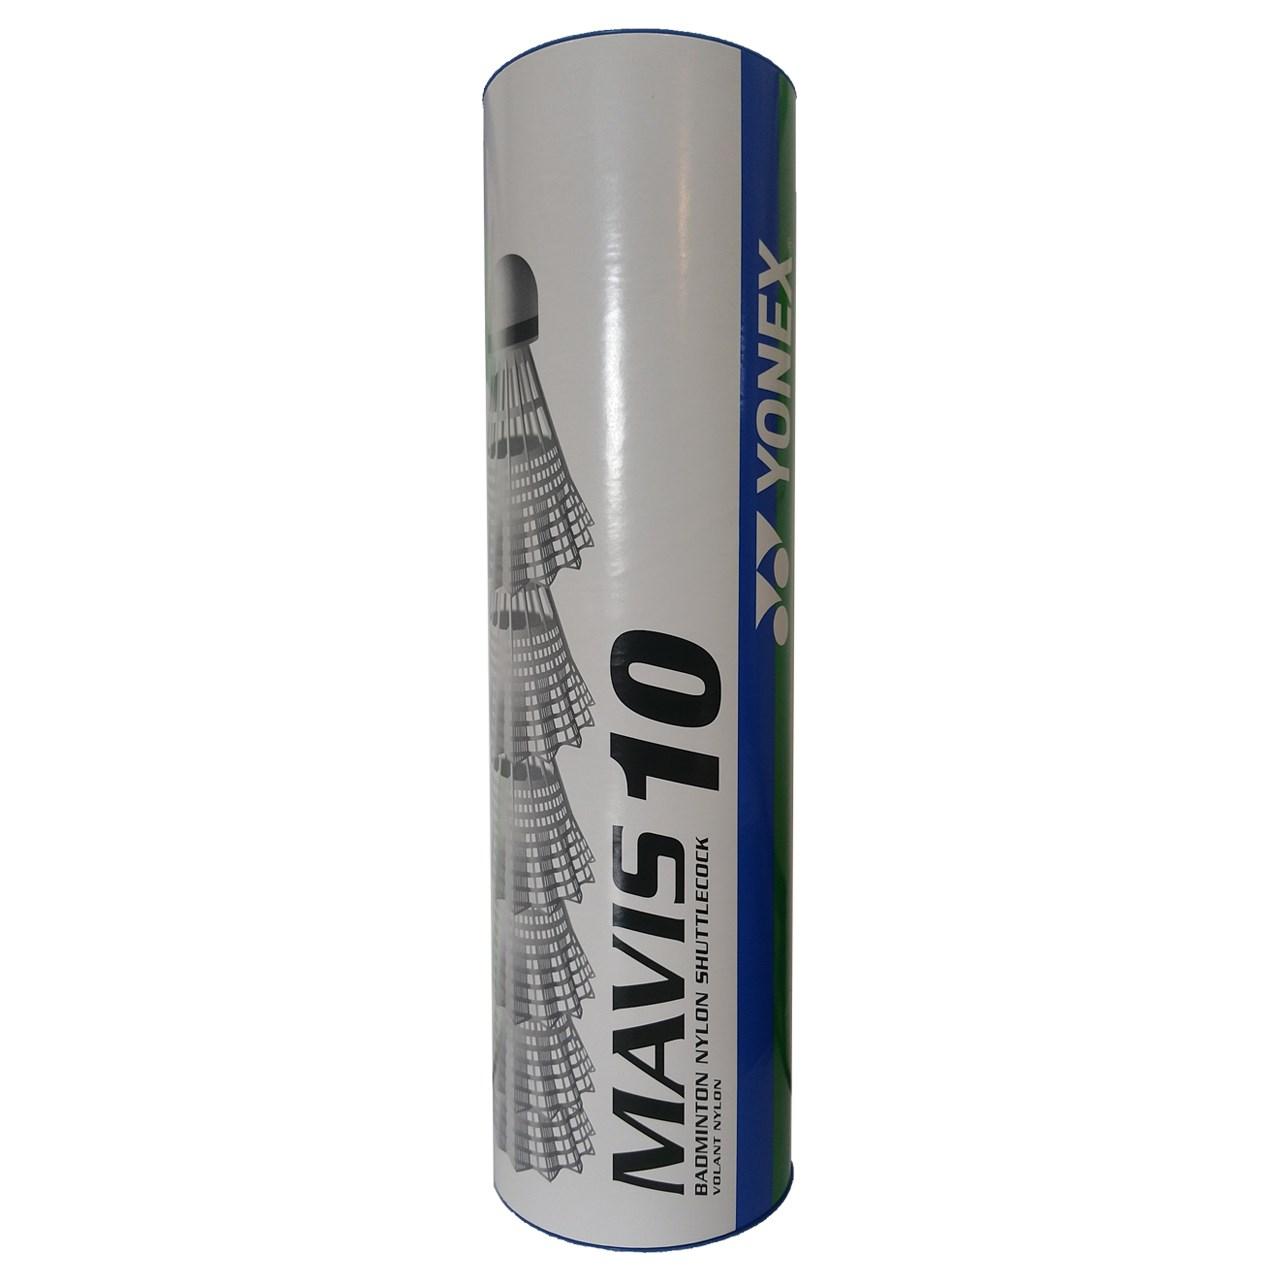 توپ بدمینتون یونکس مدل سفید Mavis 10 بسته 6 عددی